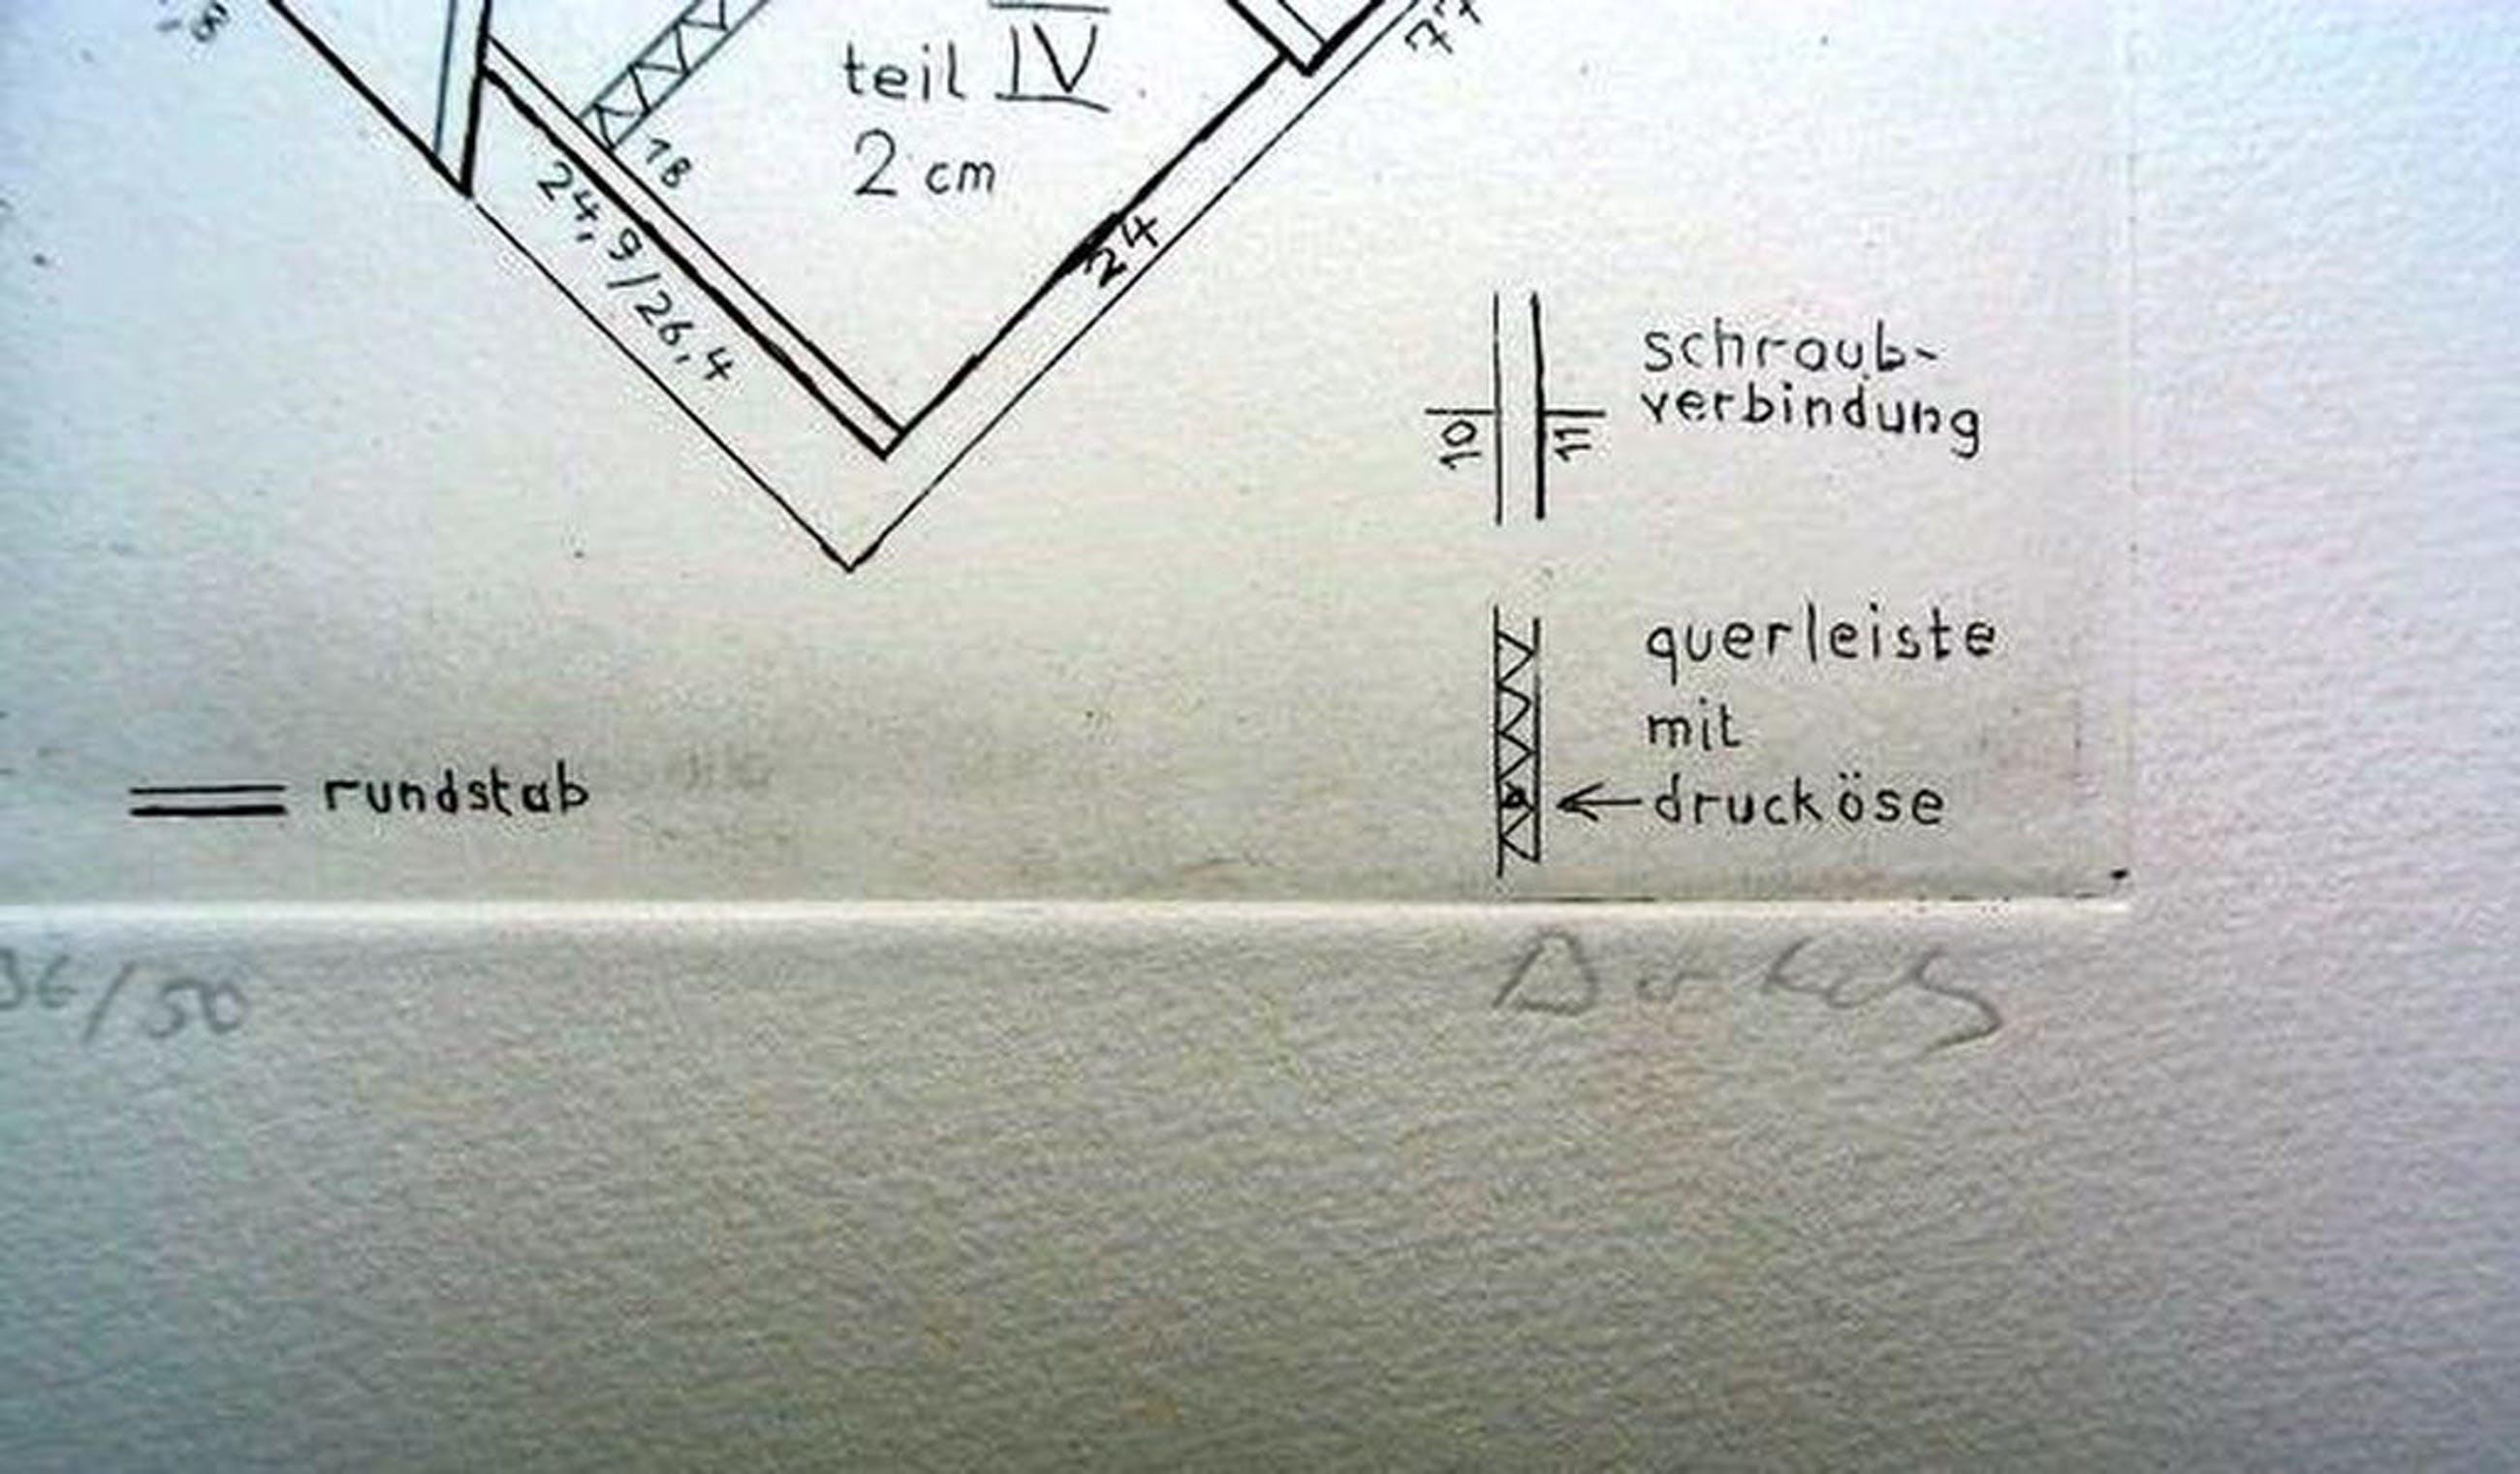 ZERO-Duitse kunstenaar Hermann Bartels (1928-1989) -gesigneerde ets  kopen? Bied vanaf 200!